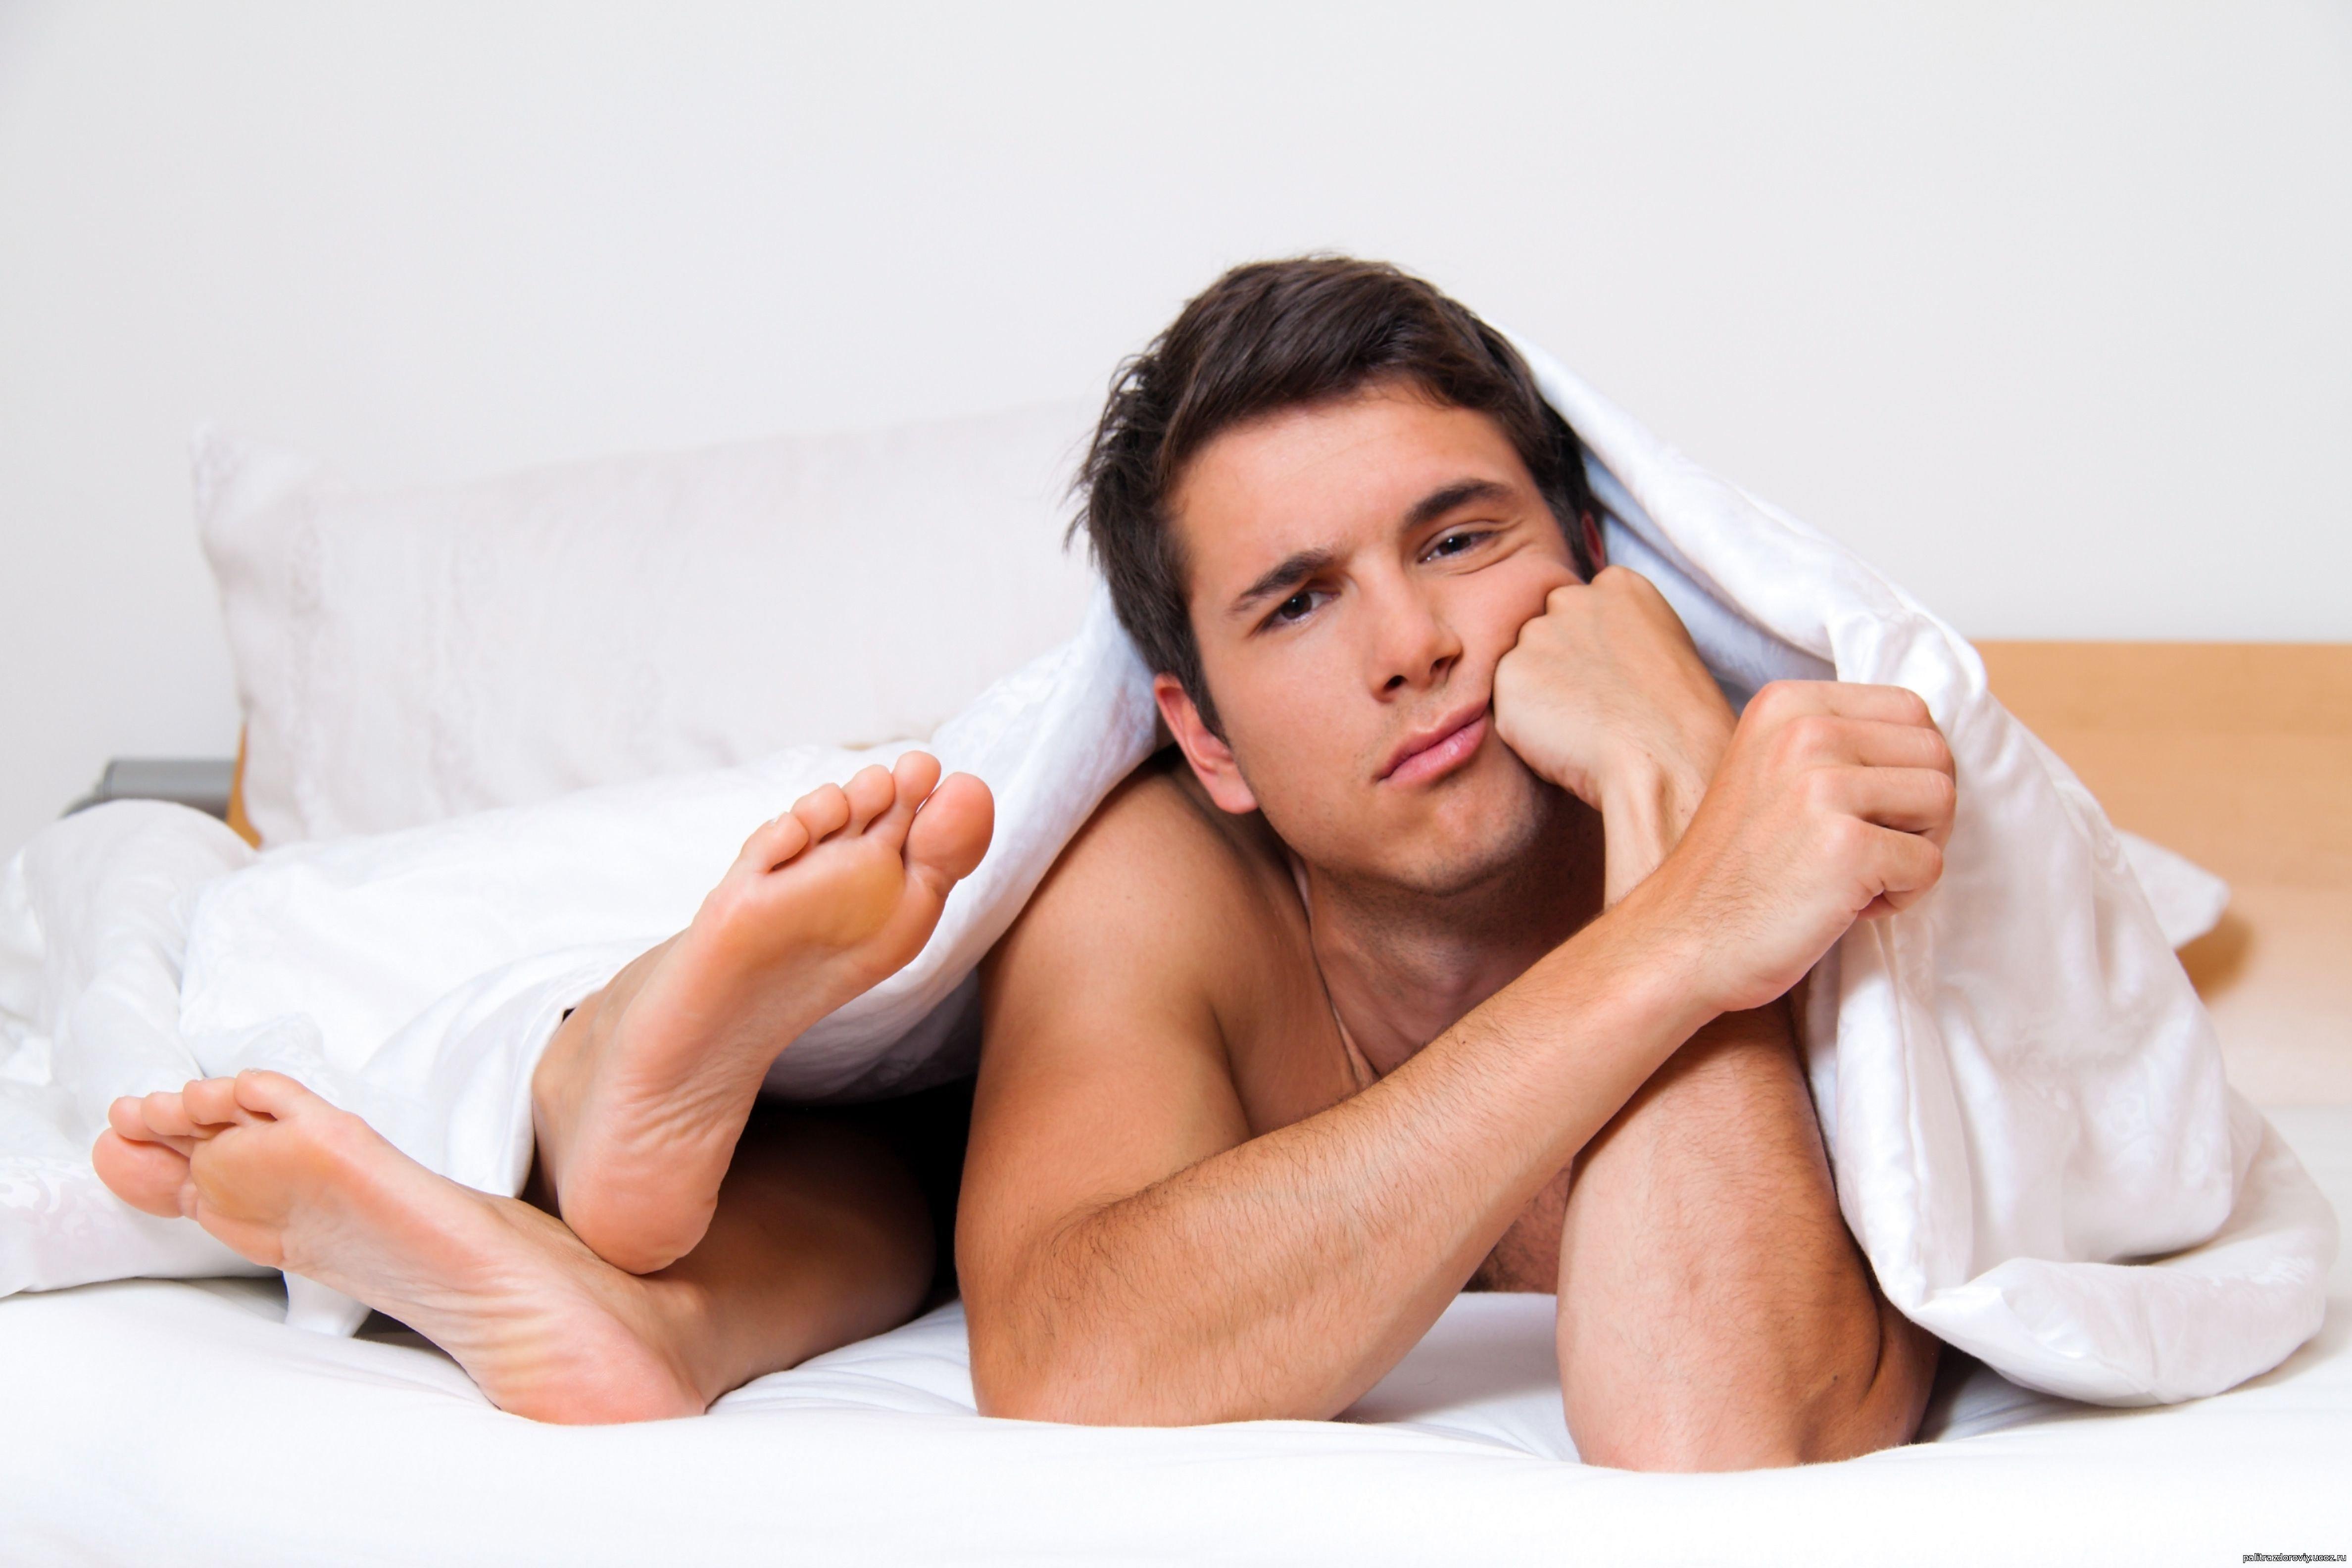 Секс и его причины 14 фотография